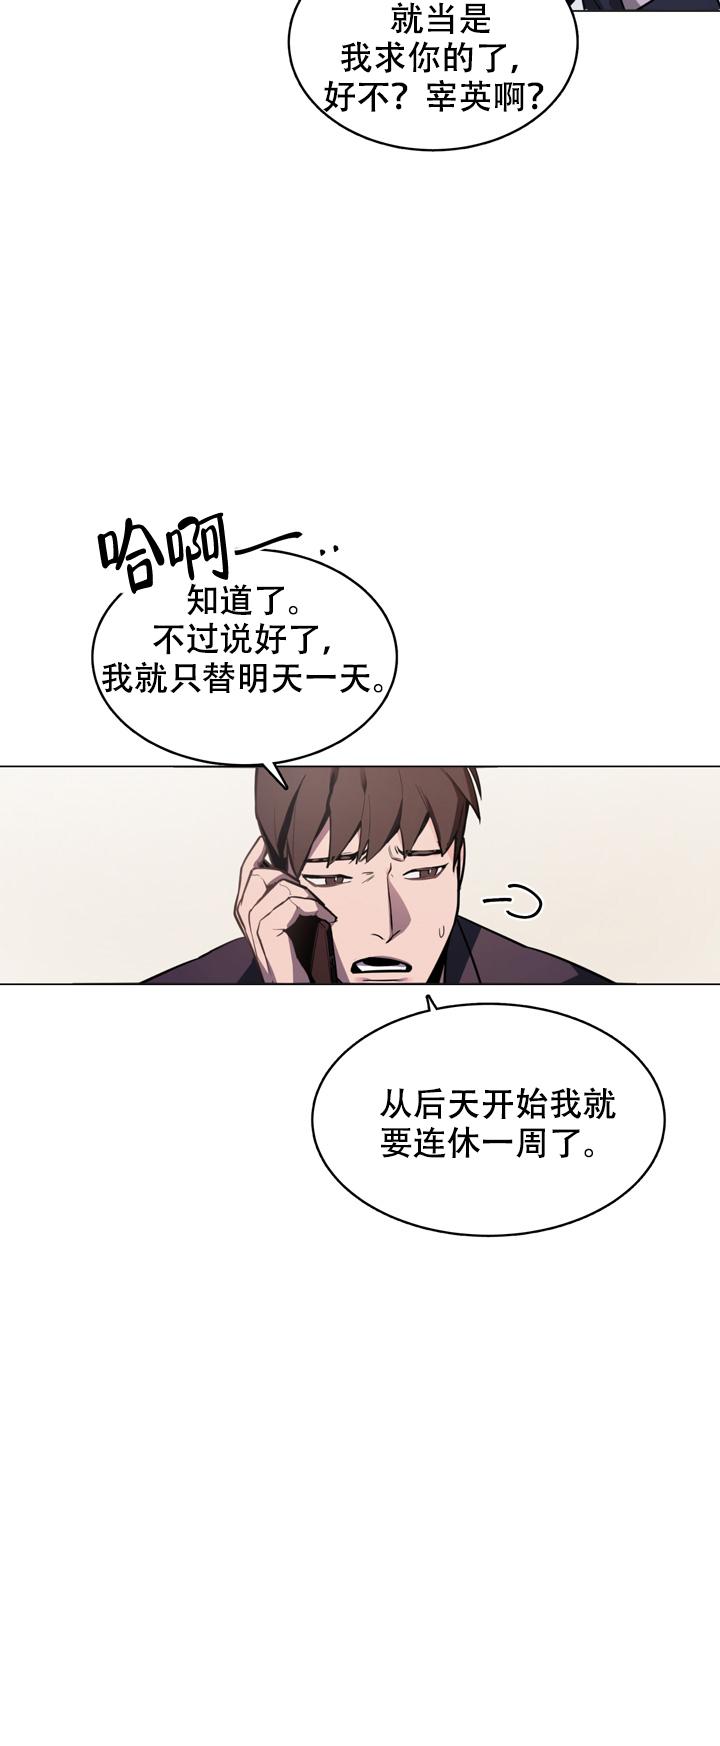 韩漫 |《甜蜜暴击》成为大明星的甜心保镖!  第4张